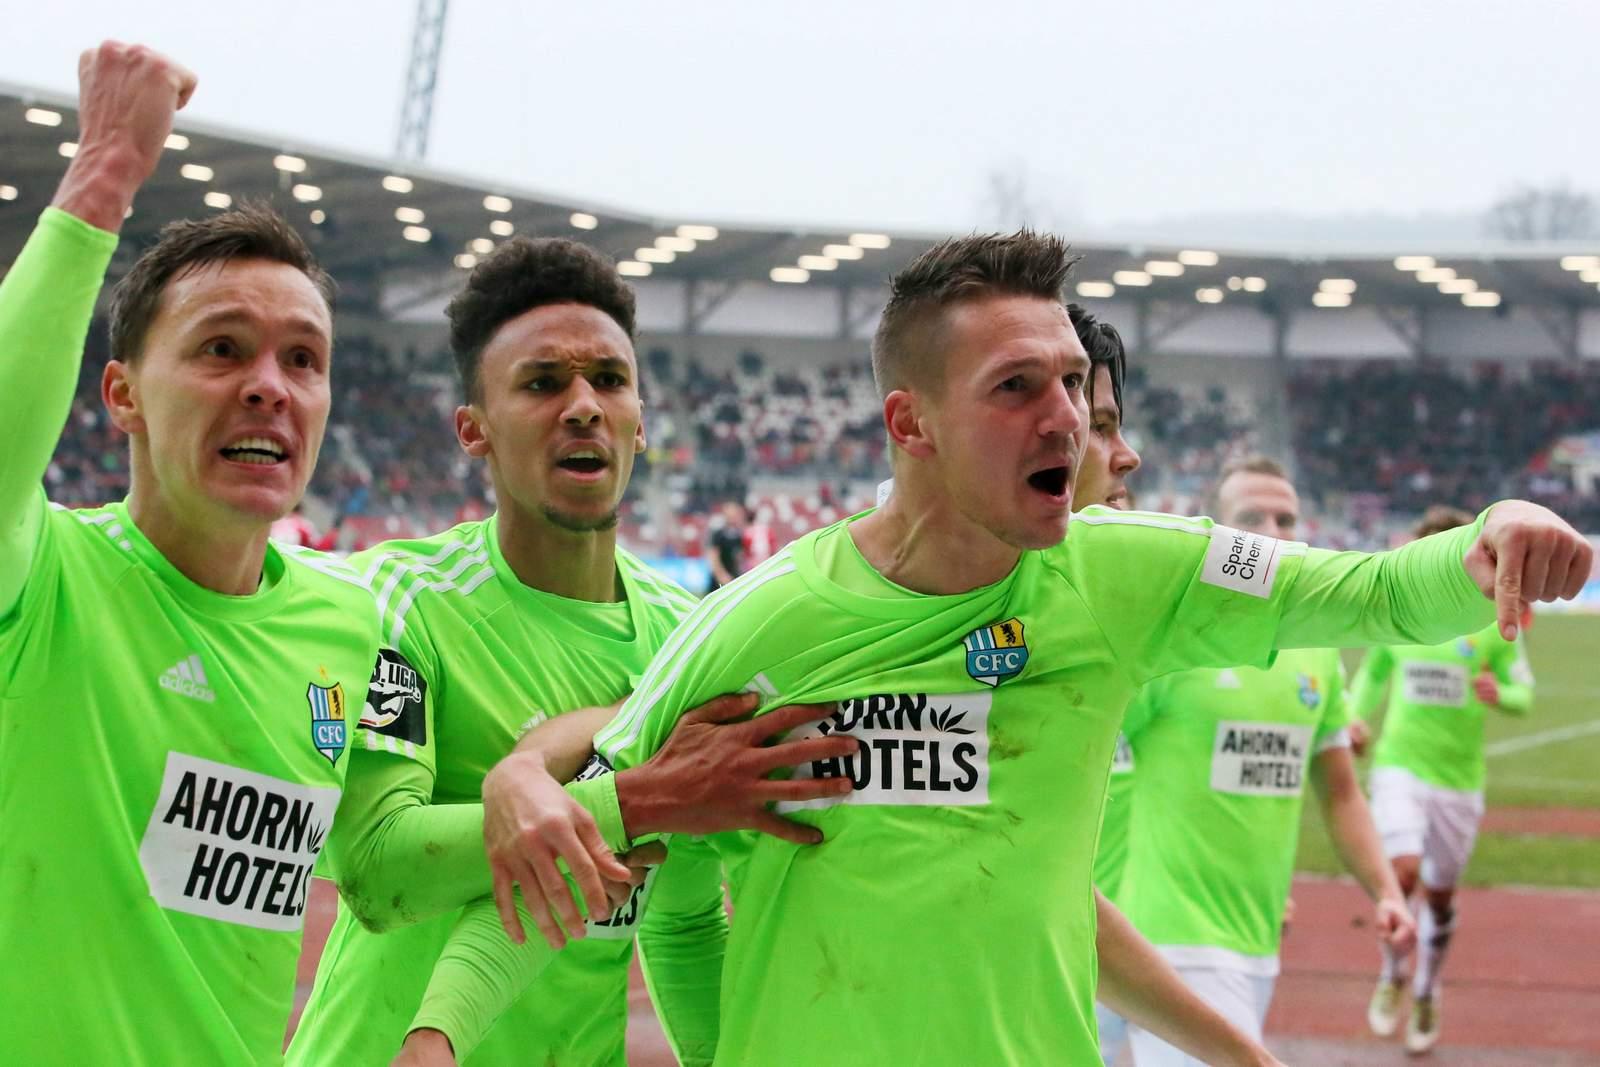 Jubelnde Spieler des Chemnitzer FC